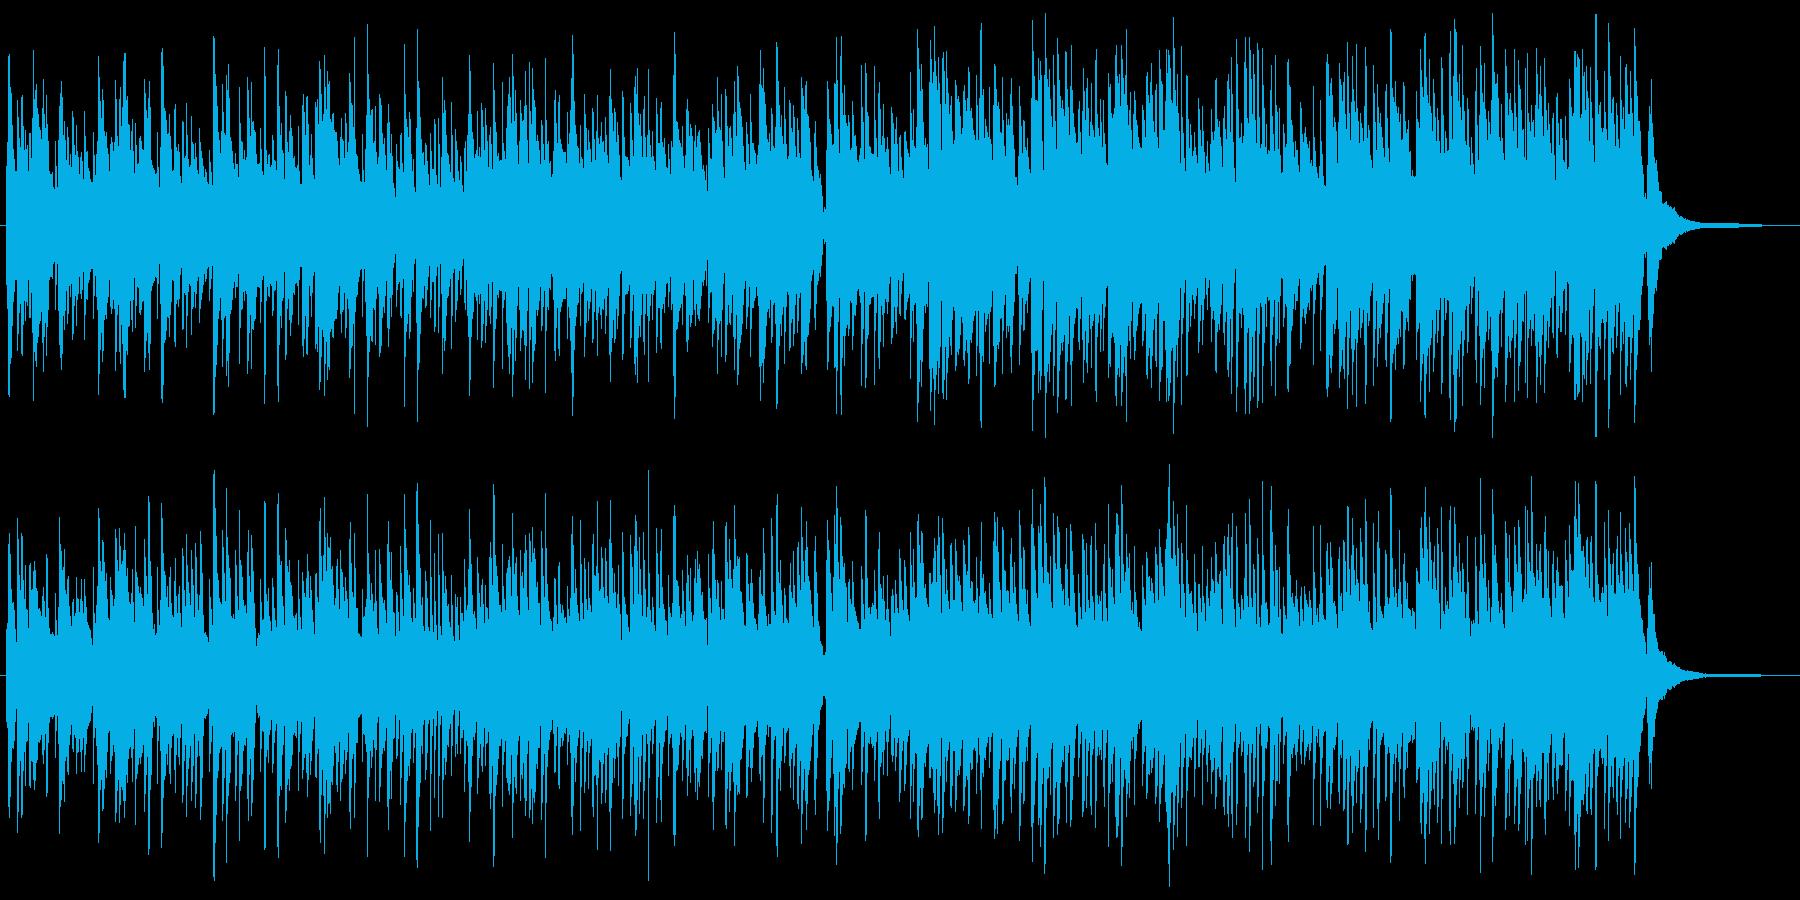 ゆったり・癒やしのケルトハープBGMの再生済みの波形